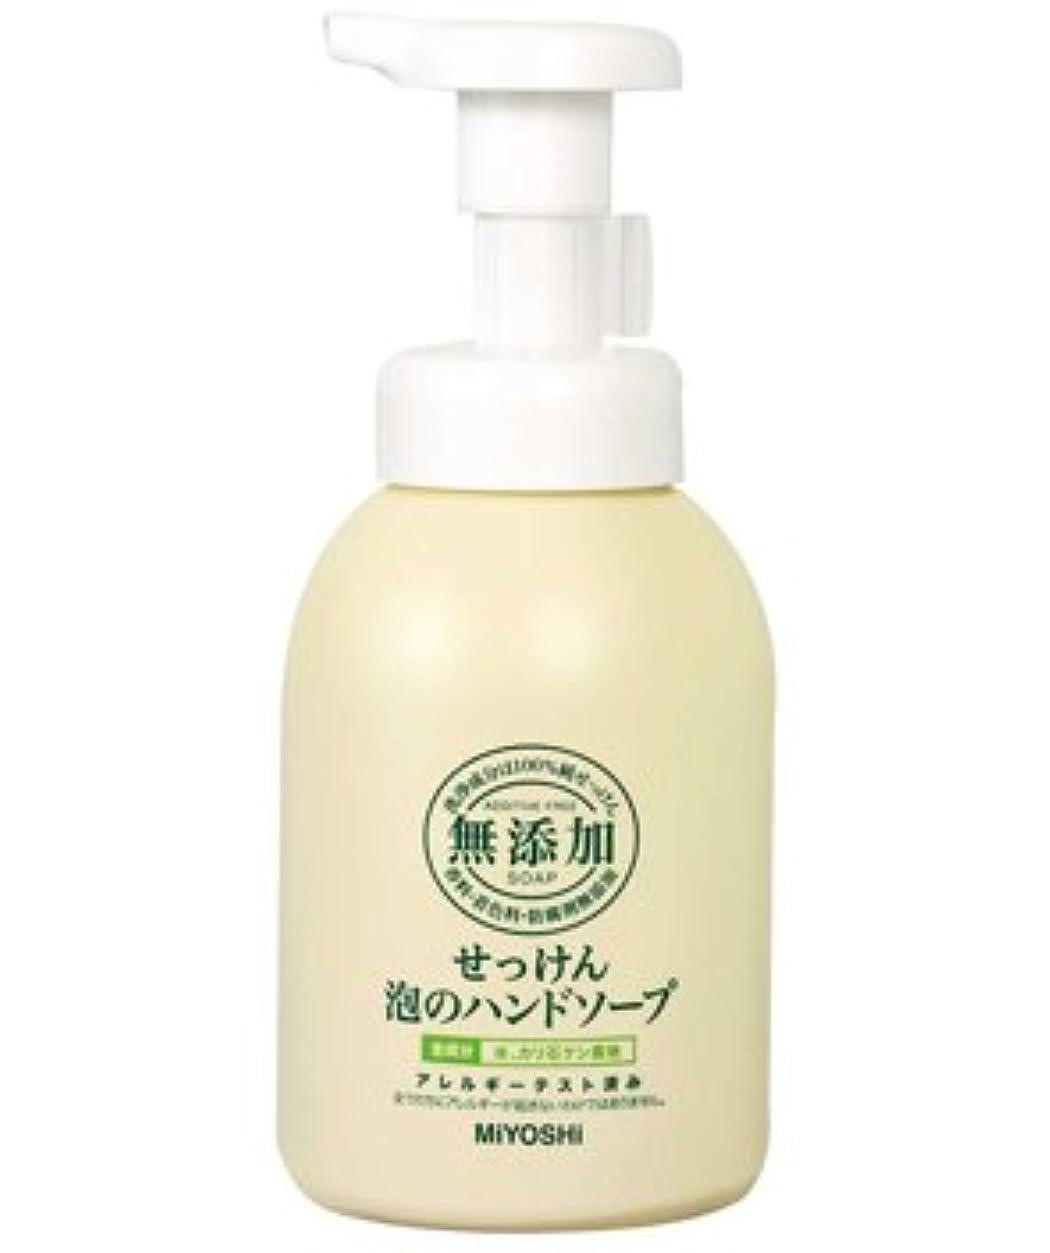 論理的にペネロペ仕方ミヨシ石鹸 無添加 せっけん 泡のハンドソープ ポンプ 350ml(無添加石鹸) ×24点セット (4904551100607)